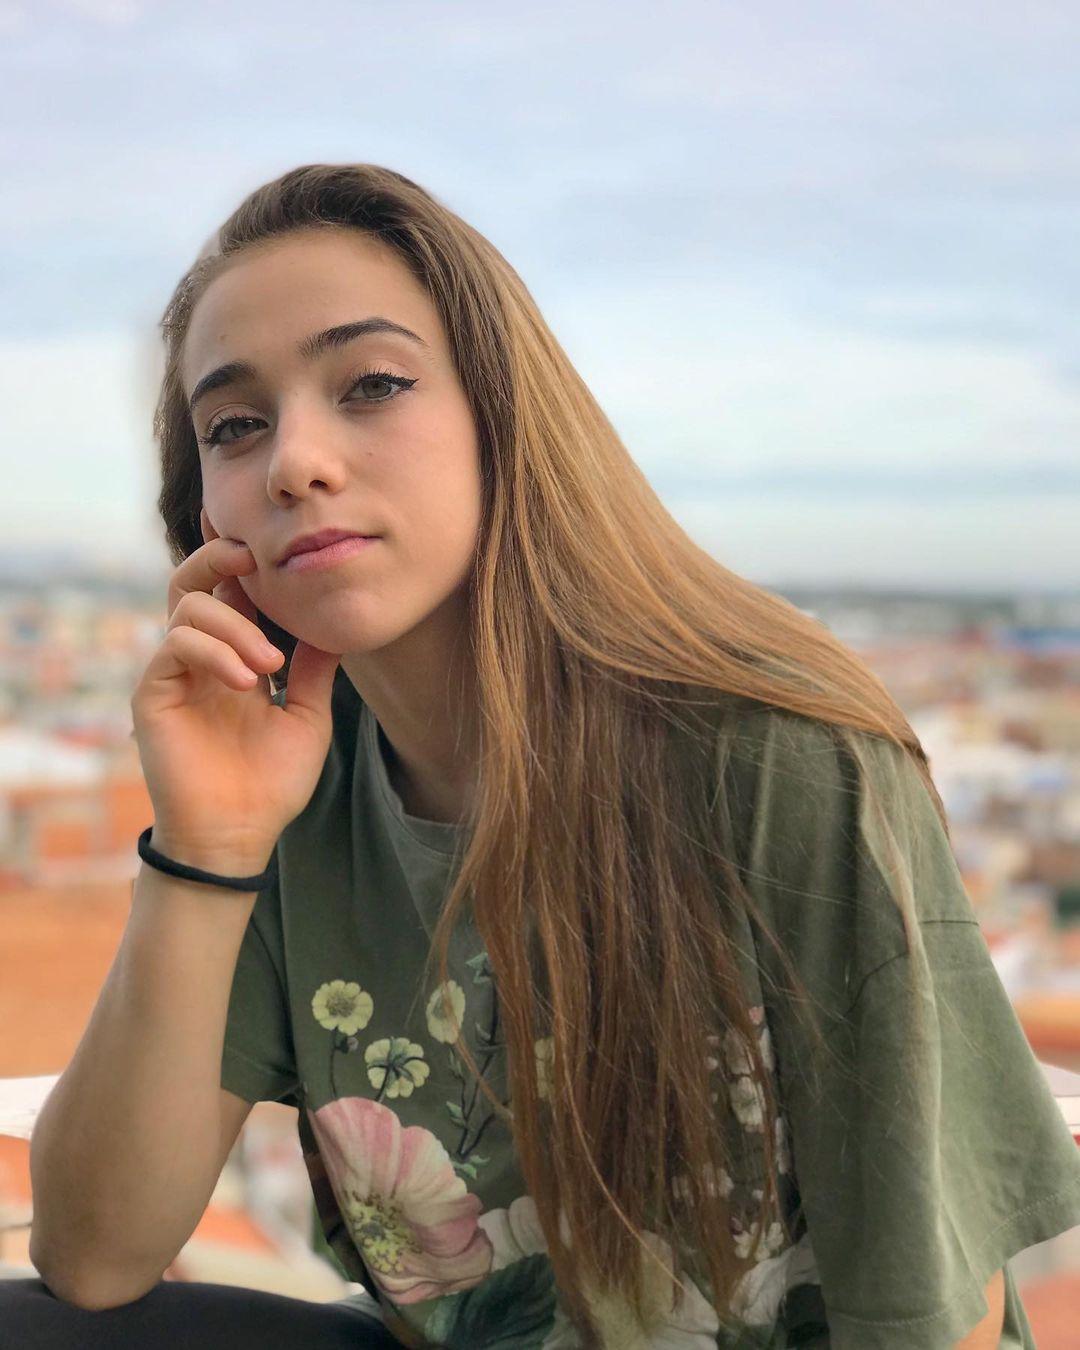 Vẻ đẹp của VĐV thể dục dụng cụ Tây Ban Nha - Ảnh 5.